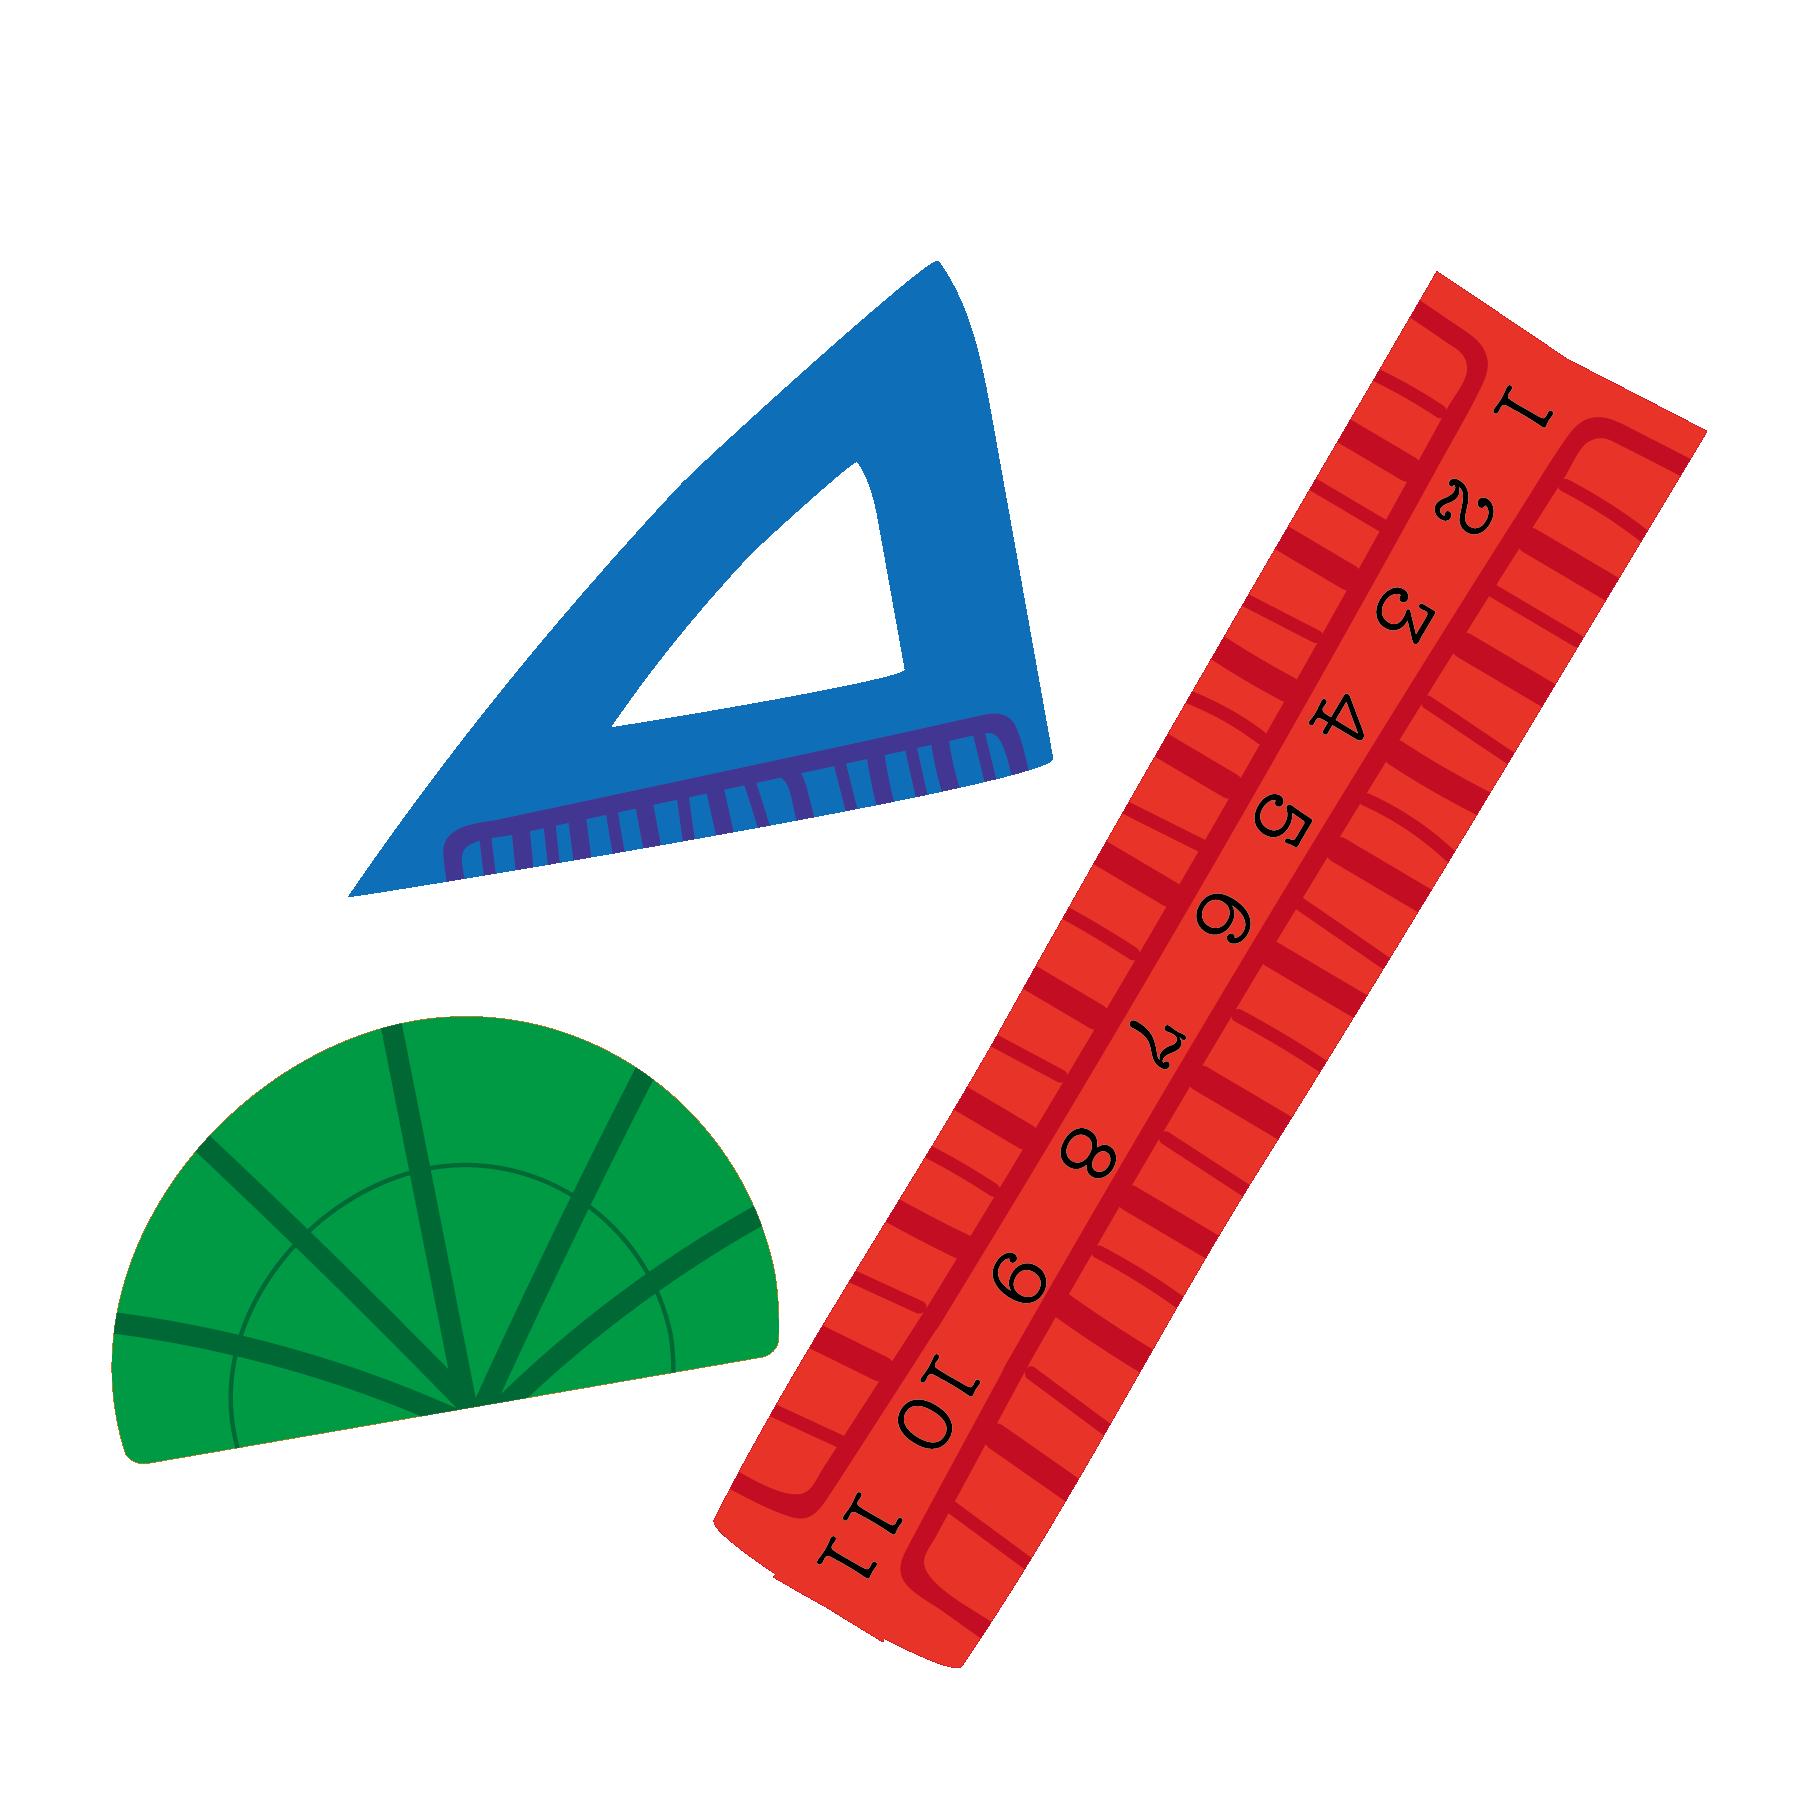 カラフルな定規・分度器・三角定規の 無料 イラスト